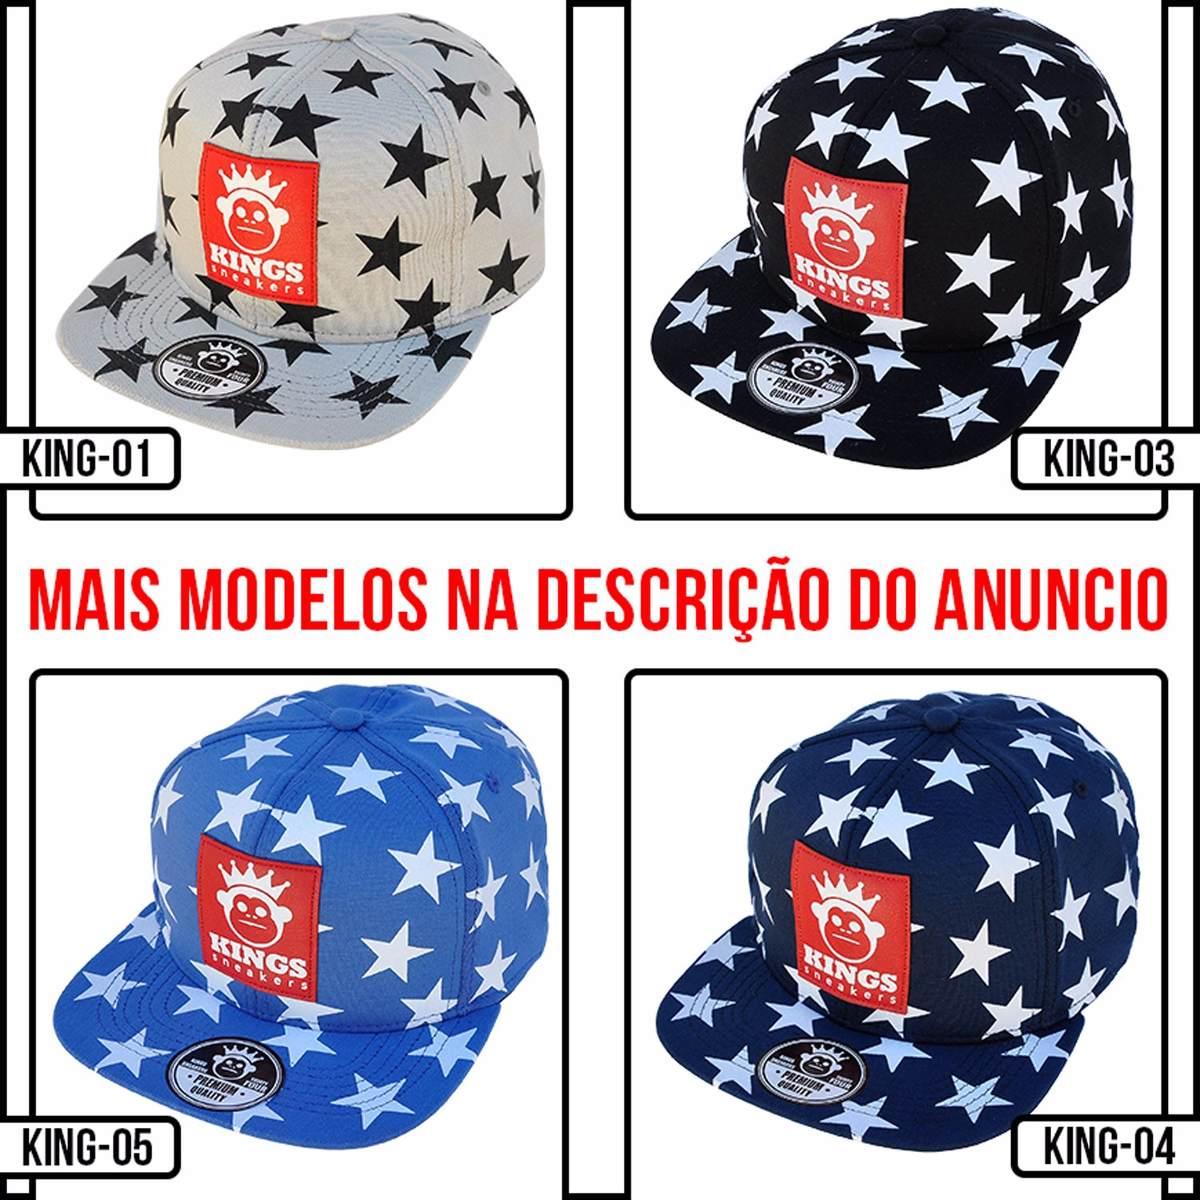 Boné Kings Sneakers Estrelado Aba Reta Snapback - R  29 49c2364b3e1